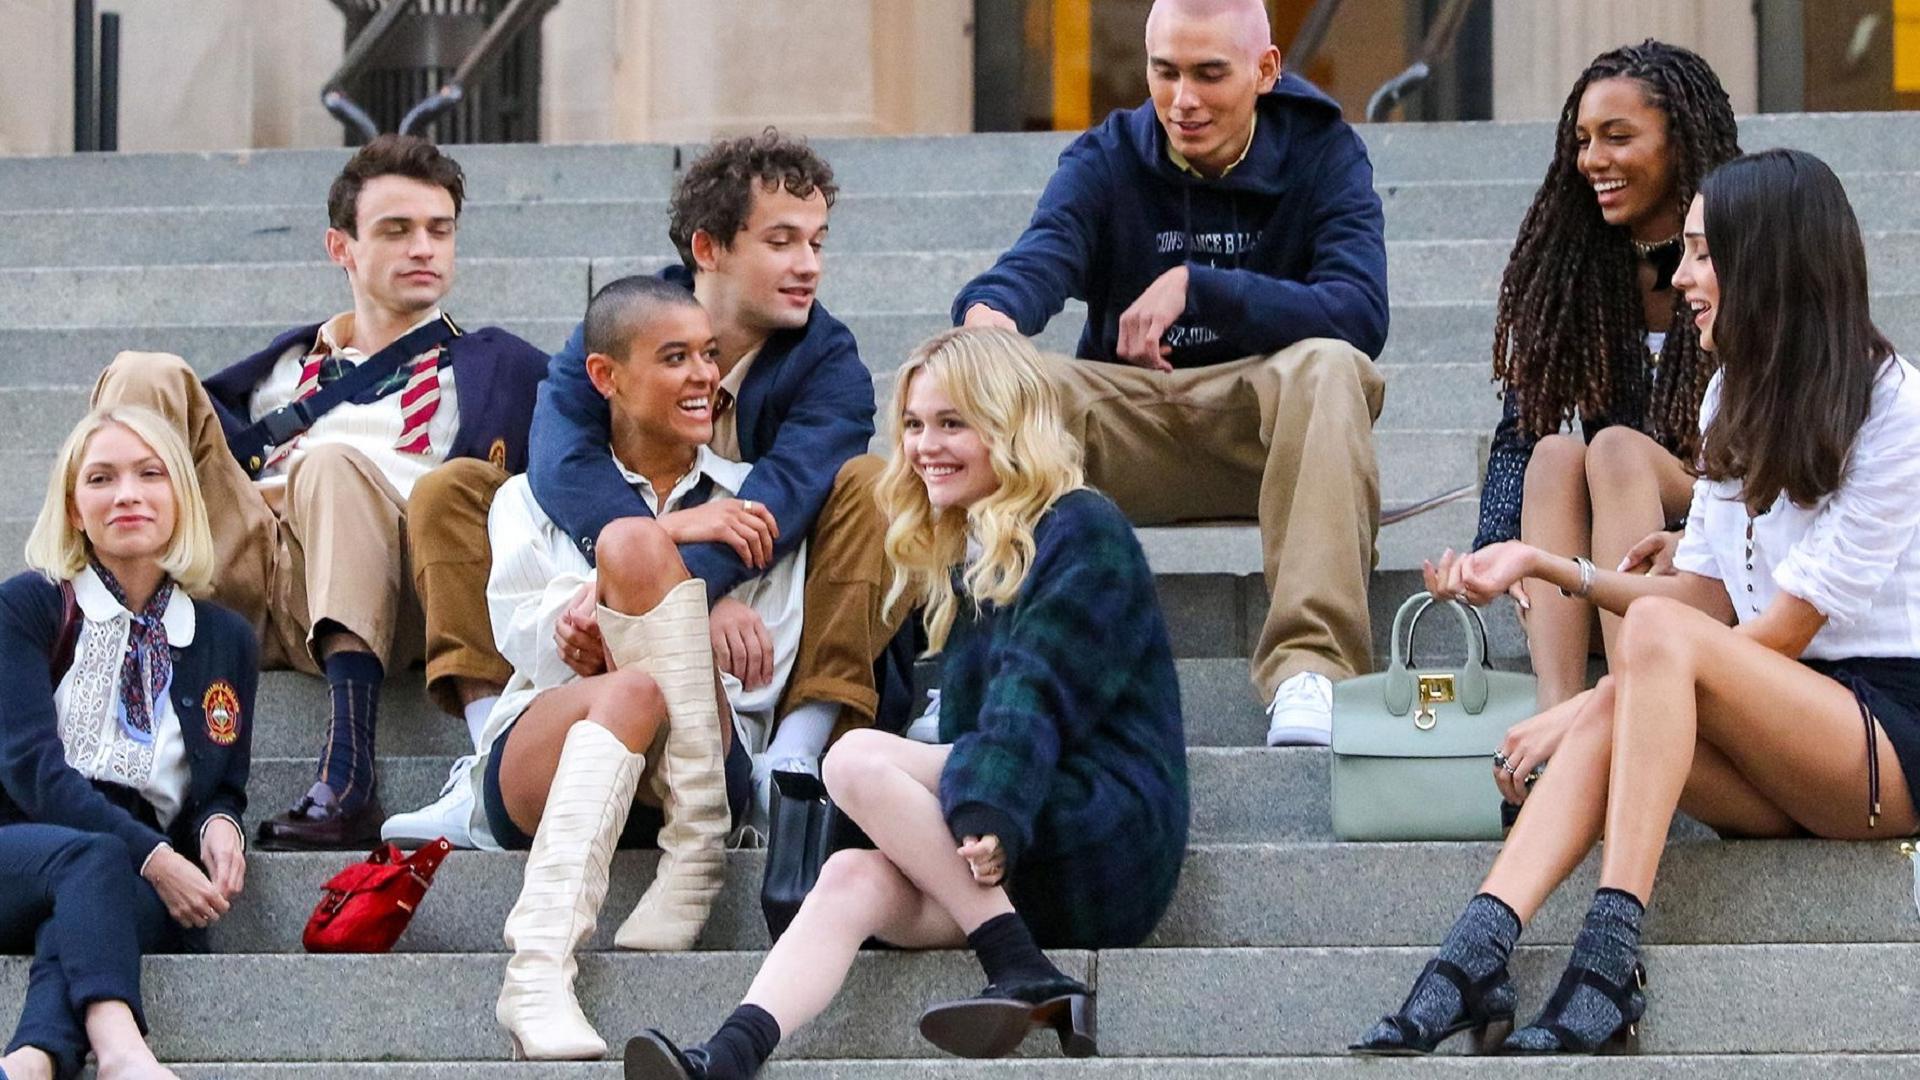 La serie adolescente Gossip Girl reinició su historia en HBO Max